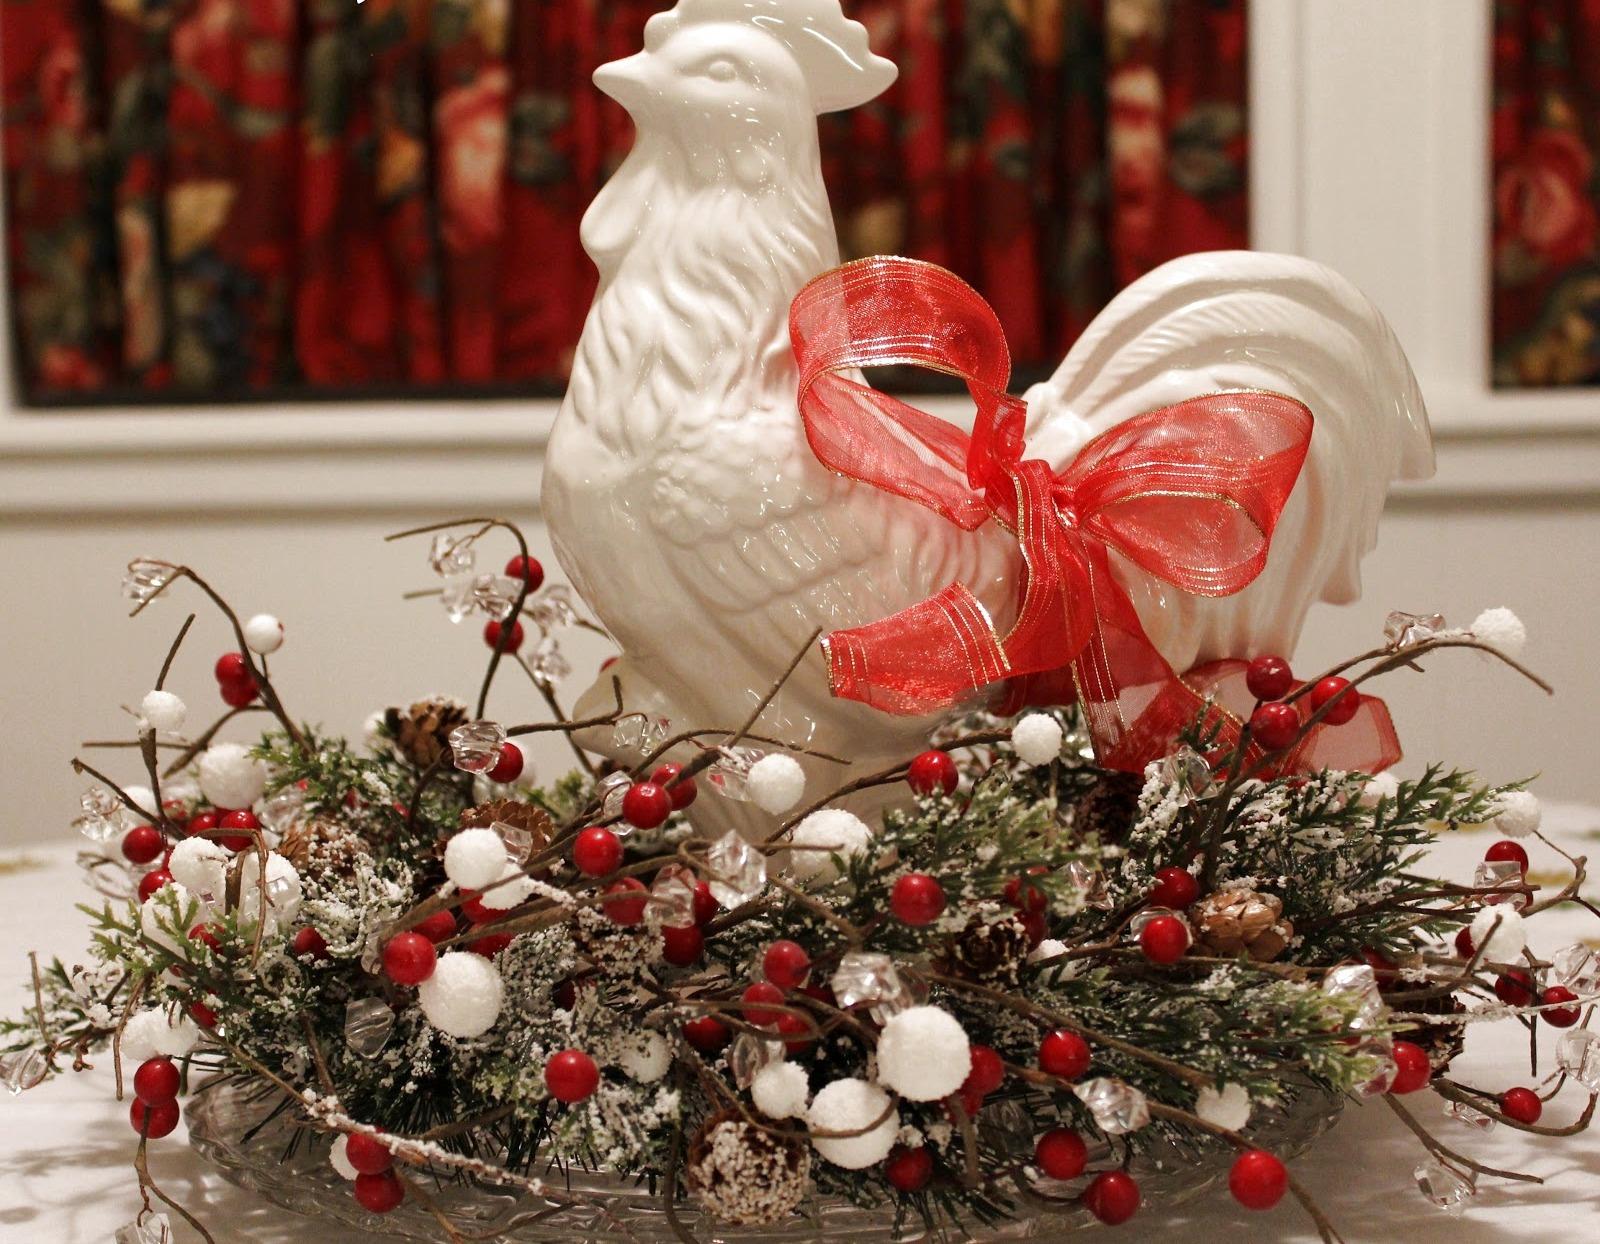 Красный новогодний петух 2017 в стиле прованс